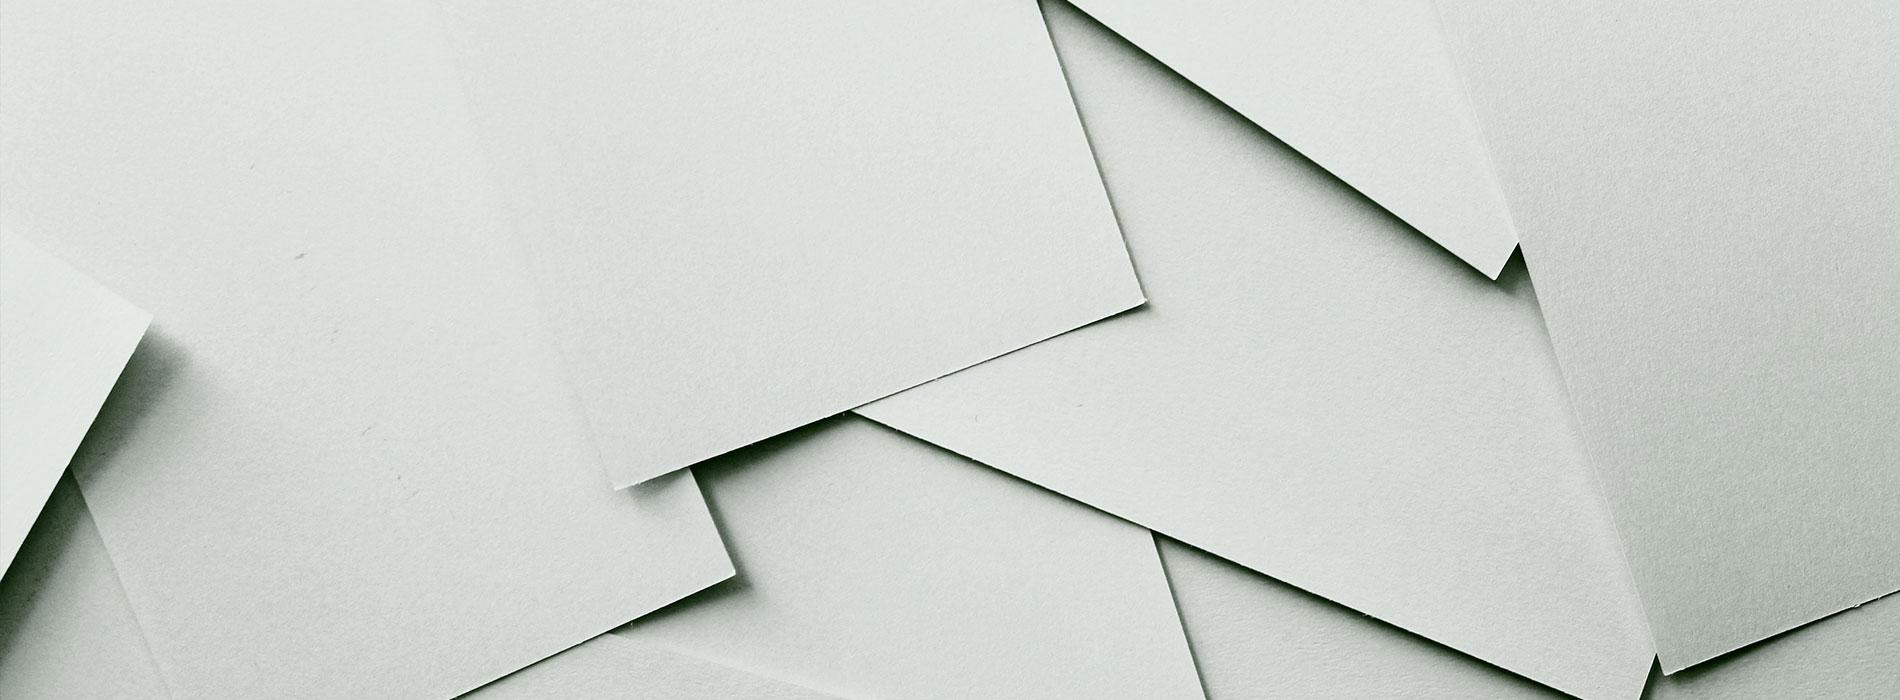 Die Papierproduktion begann bereits vor über 2000 Jahren in China. Heute wird kaum noch von Hand geschöpft, sondern in riesigen Maschinen Massenware produziert. Verfahren zur Papierproduktion sind immer weiter entwickelt worden, sehr effizient und erlauben es, Papierprodukte im großen Maßstab herzustellen. Aber wie genau wird aus einem Baum ein Blatt Papier oder ein Verpackungskarton?